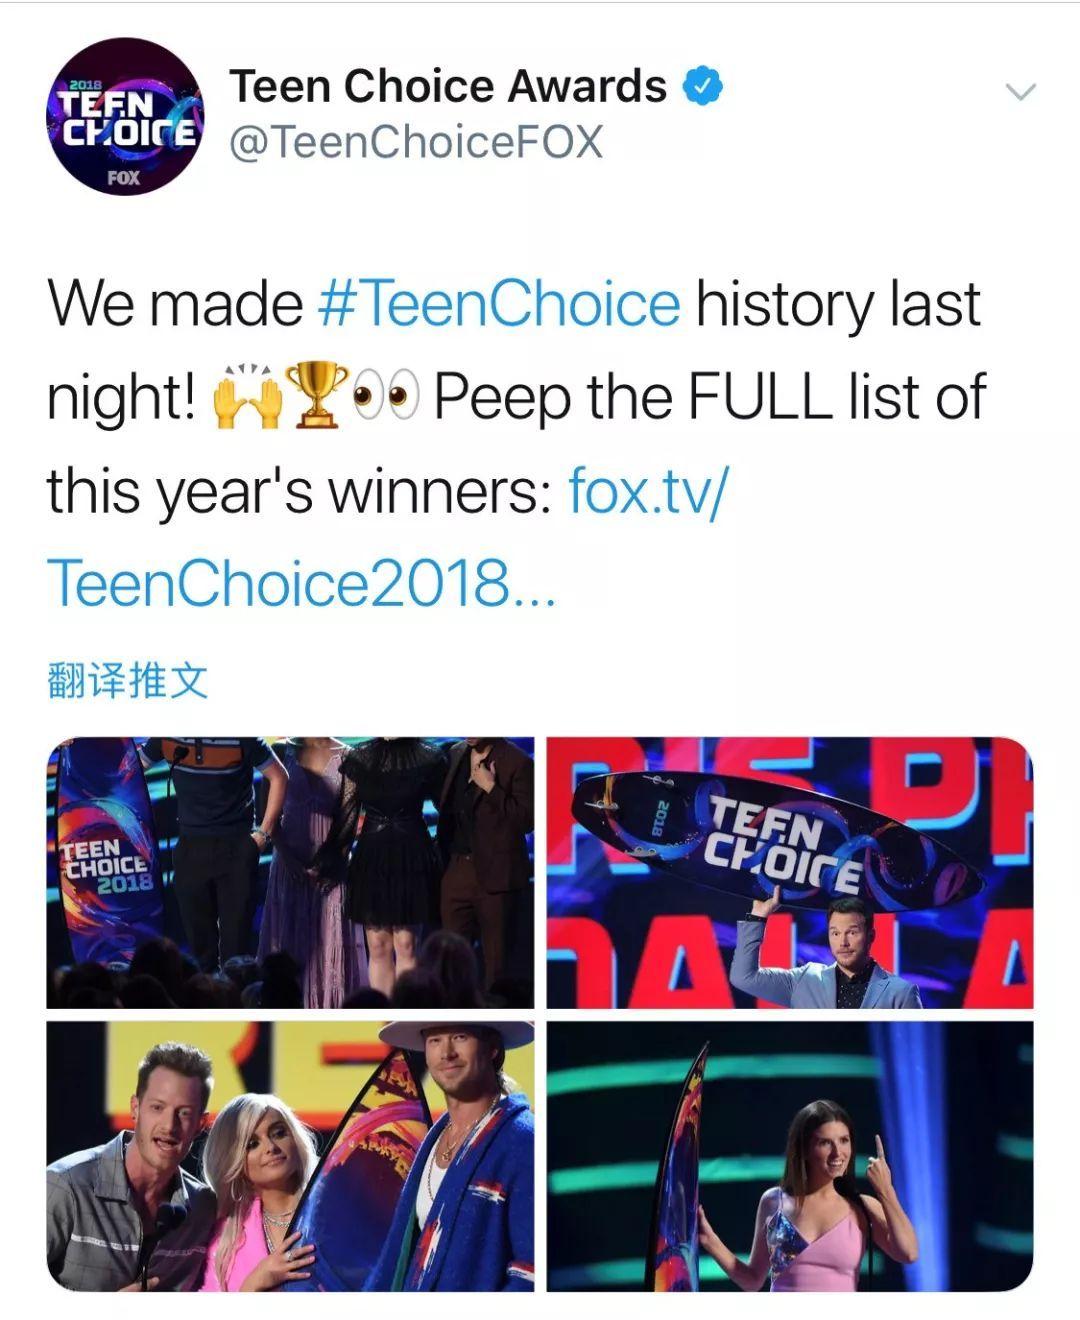 全美青少年选择奖名单公布,首位获得此奖的中国人竟然是他!